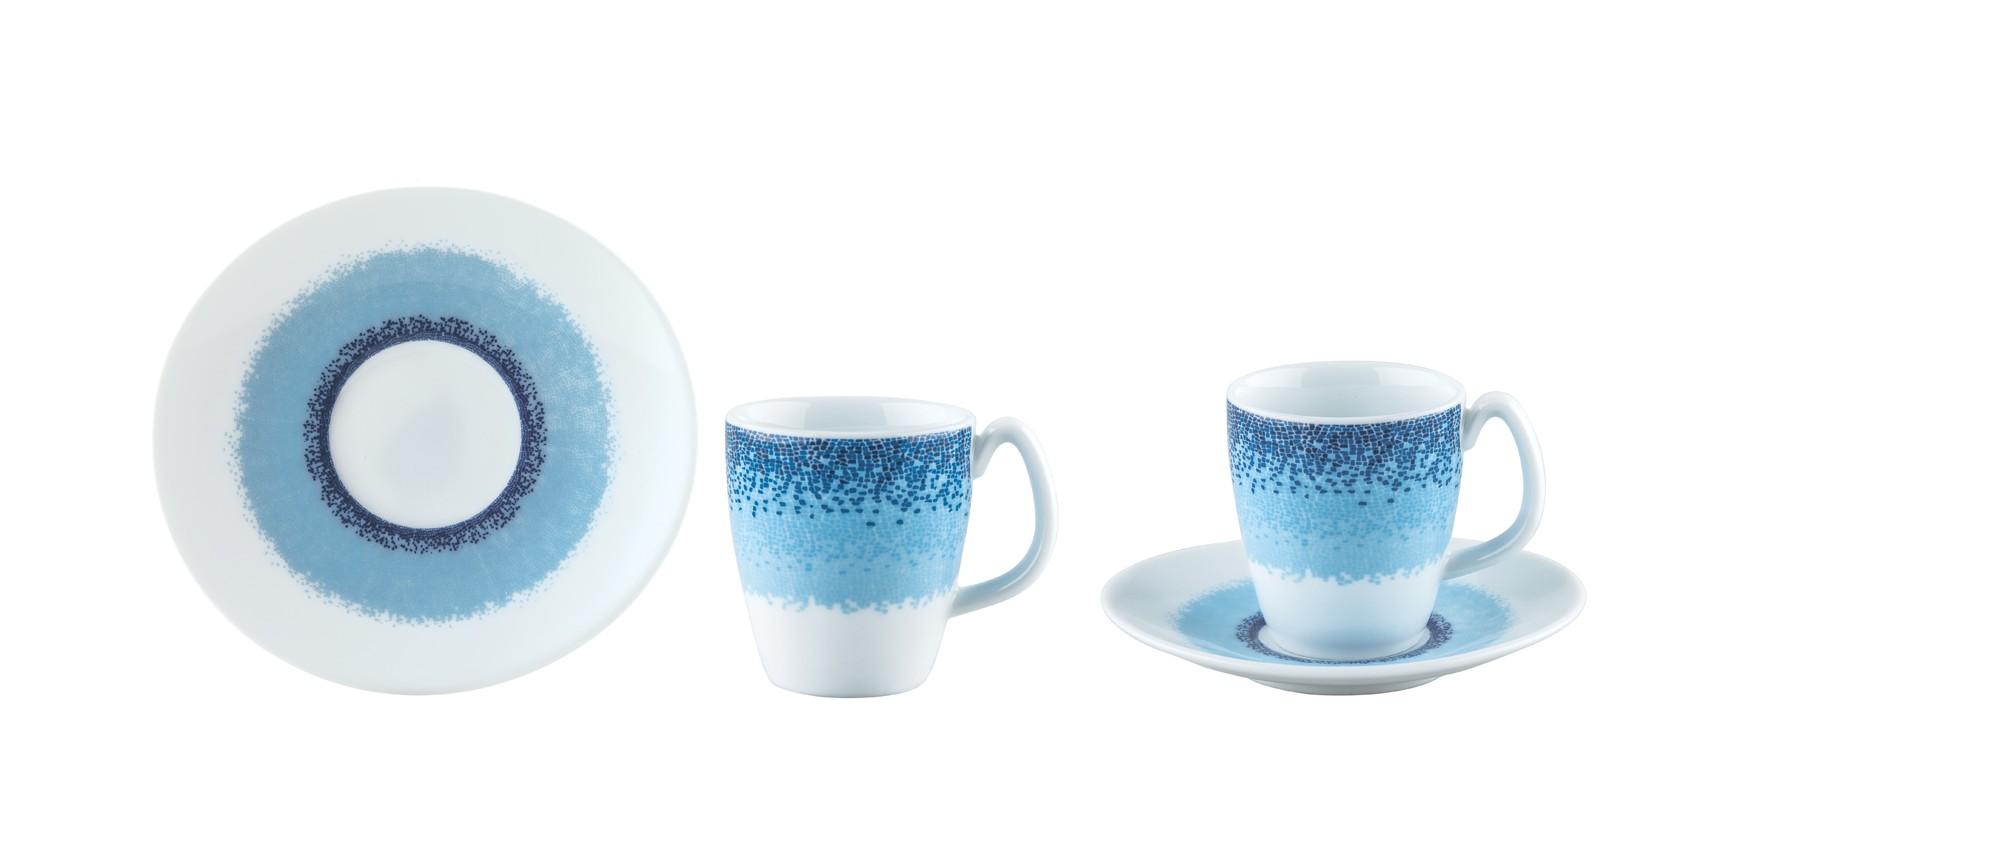 Φλυτζάνι & Πιάτο Καφέ Apeiron Blue Σετ 6τμχ Ionia home   ειδη cafe τσαϊ   κούπες   φλυτζάνια